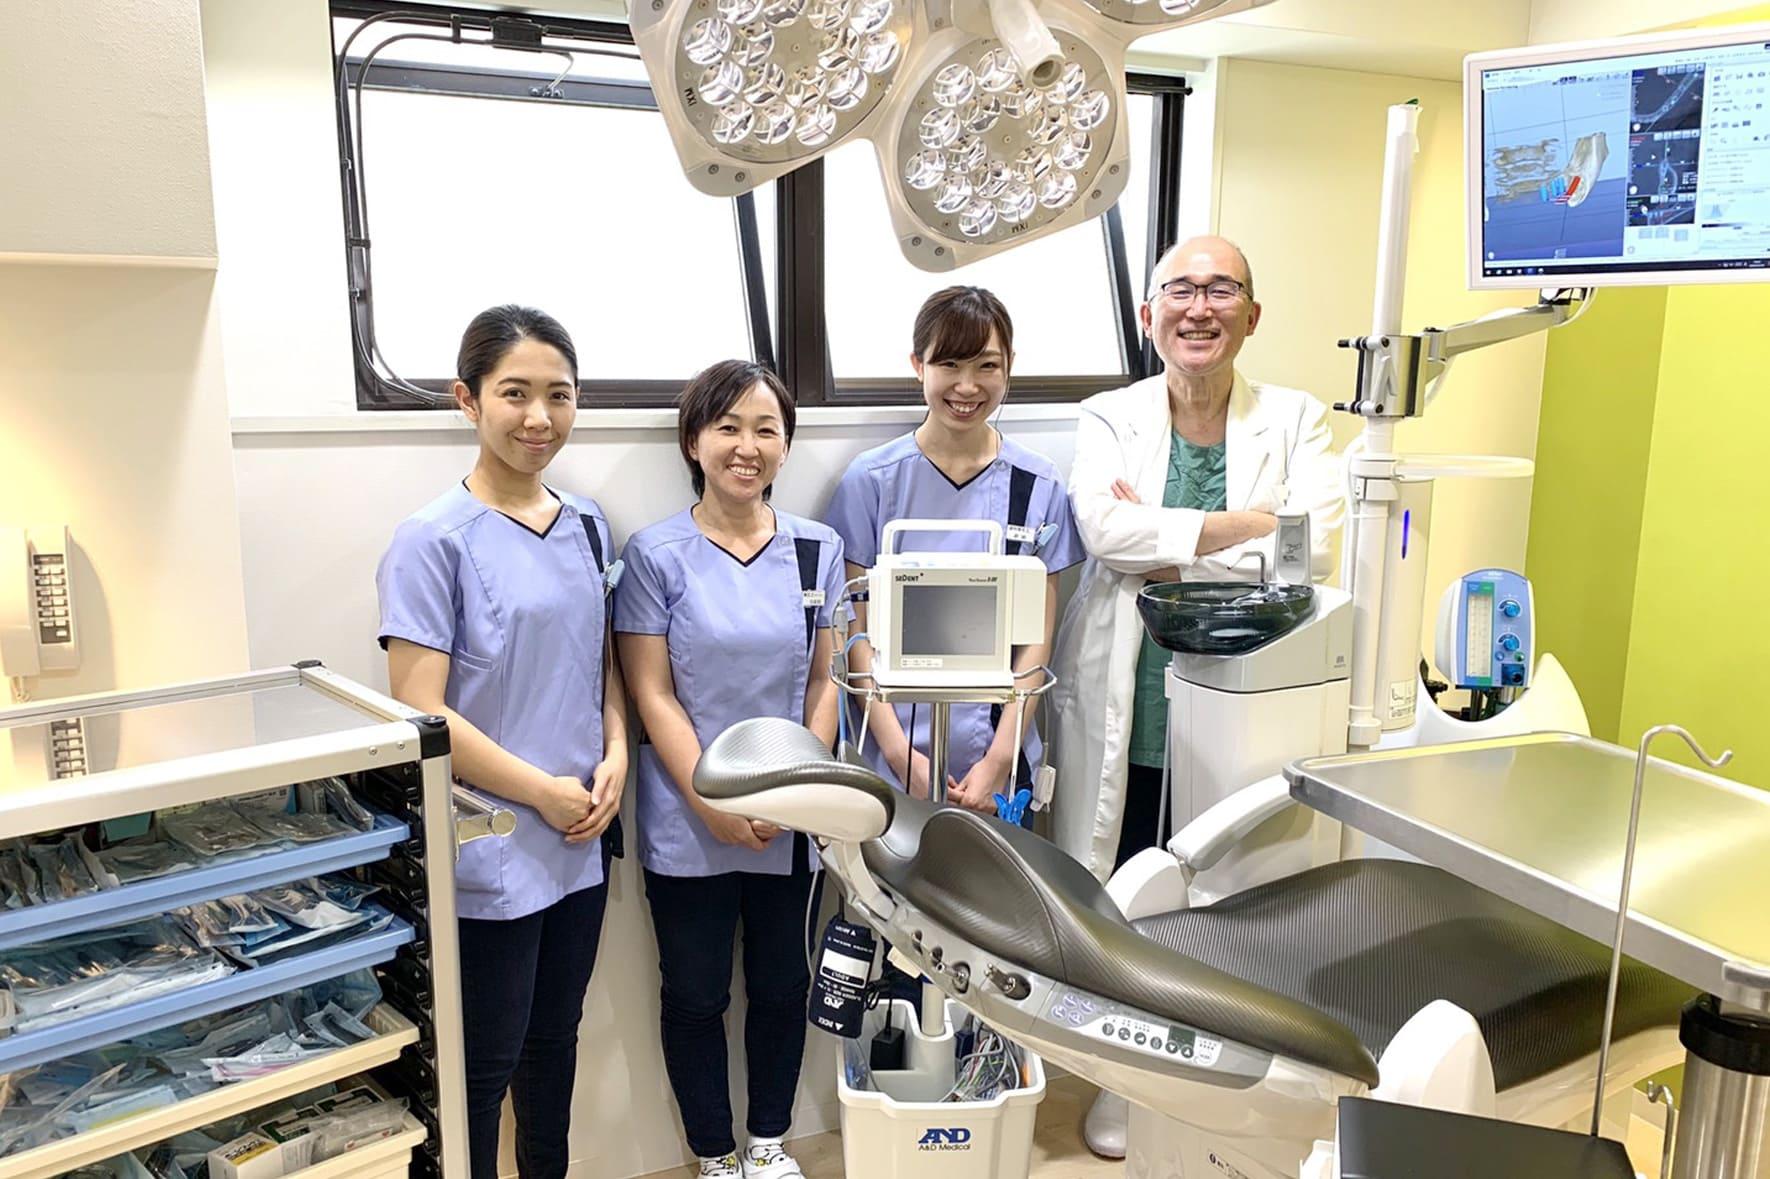 横浜市青葉区 うかい歯科医院 画像5